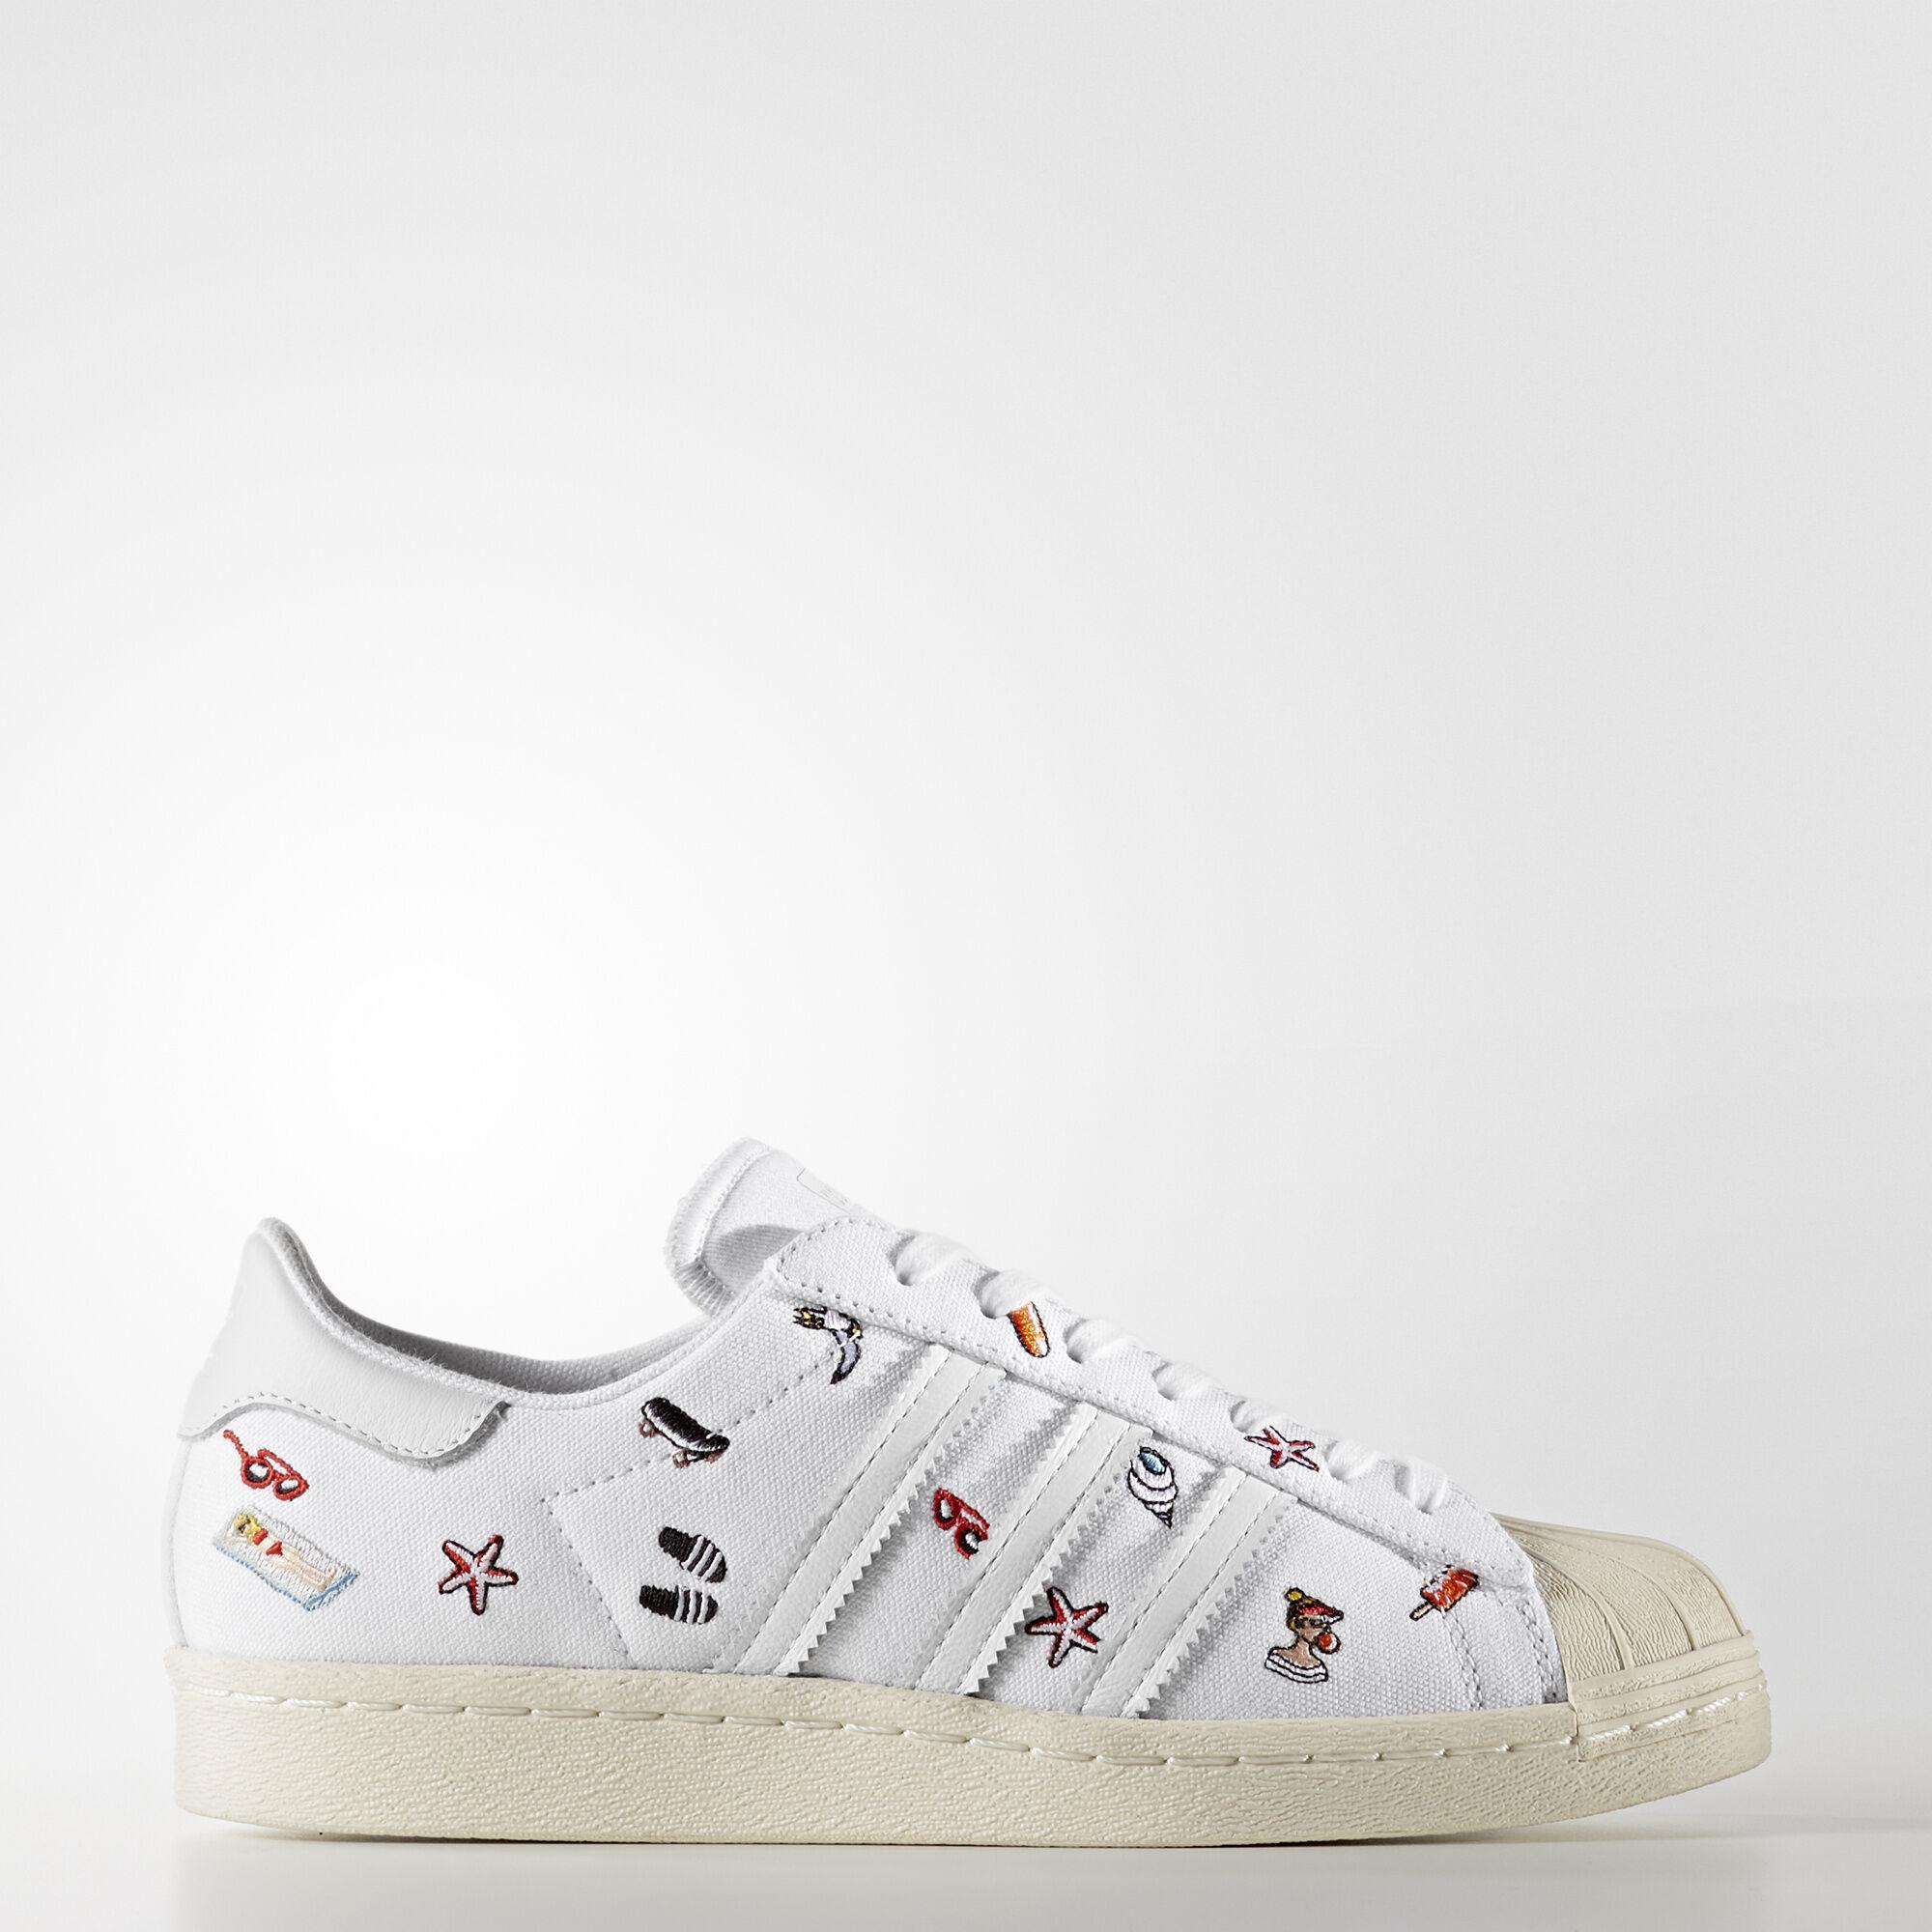 zapatillas adidas superstar 80s